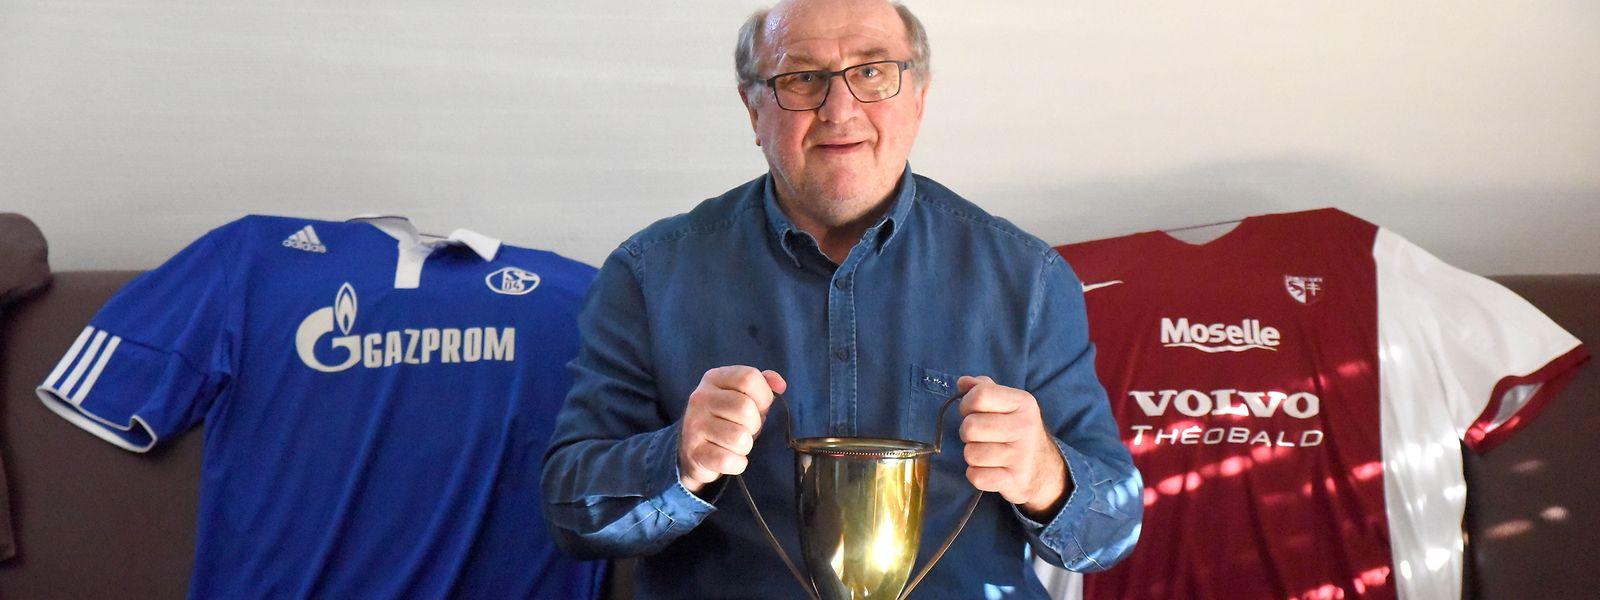 """Nico Braun, der 1973 vom """"Le Républicain Lorrain"""" zum Monsieur Football gekürt wurde, ist nach wie vor ein Fan des FC Metz und des FC Schalke 04."""